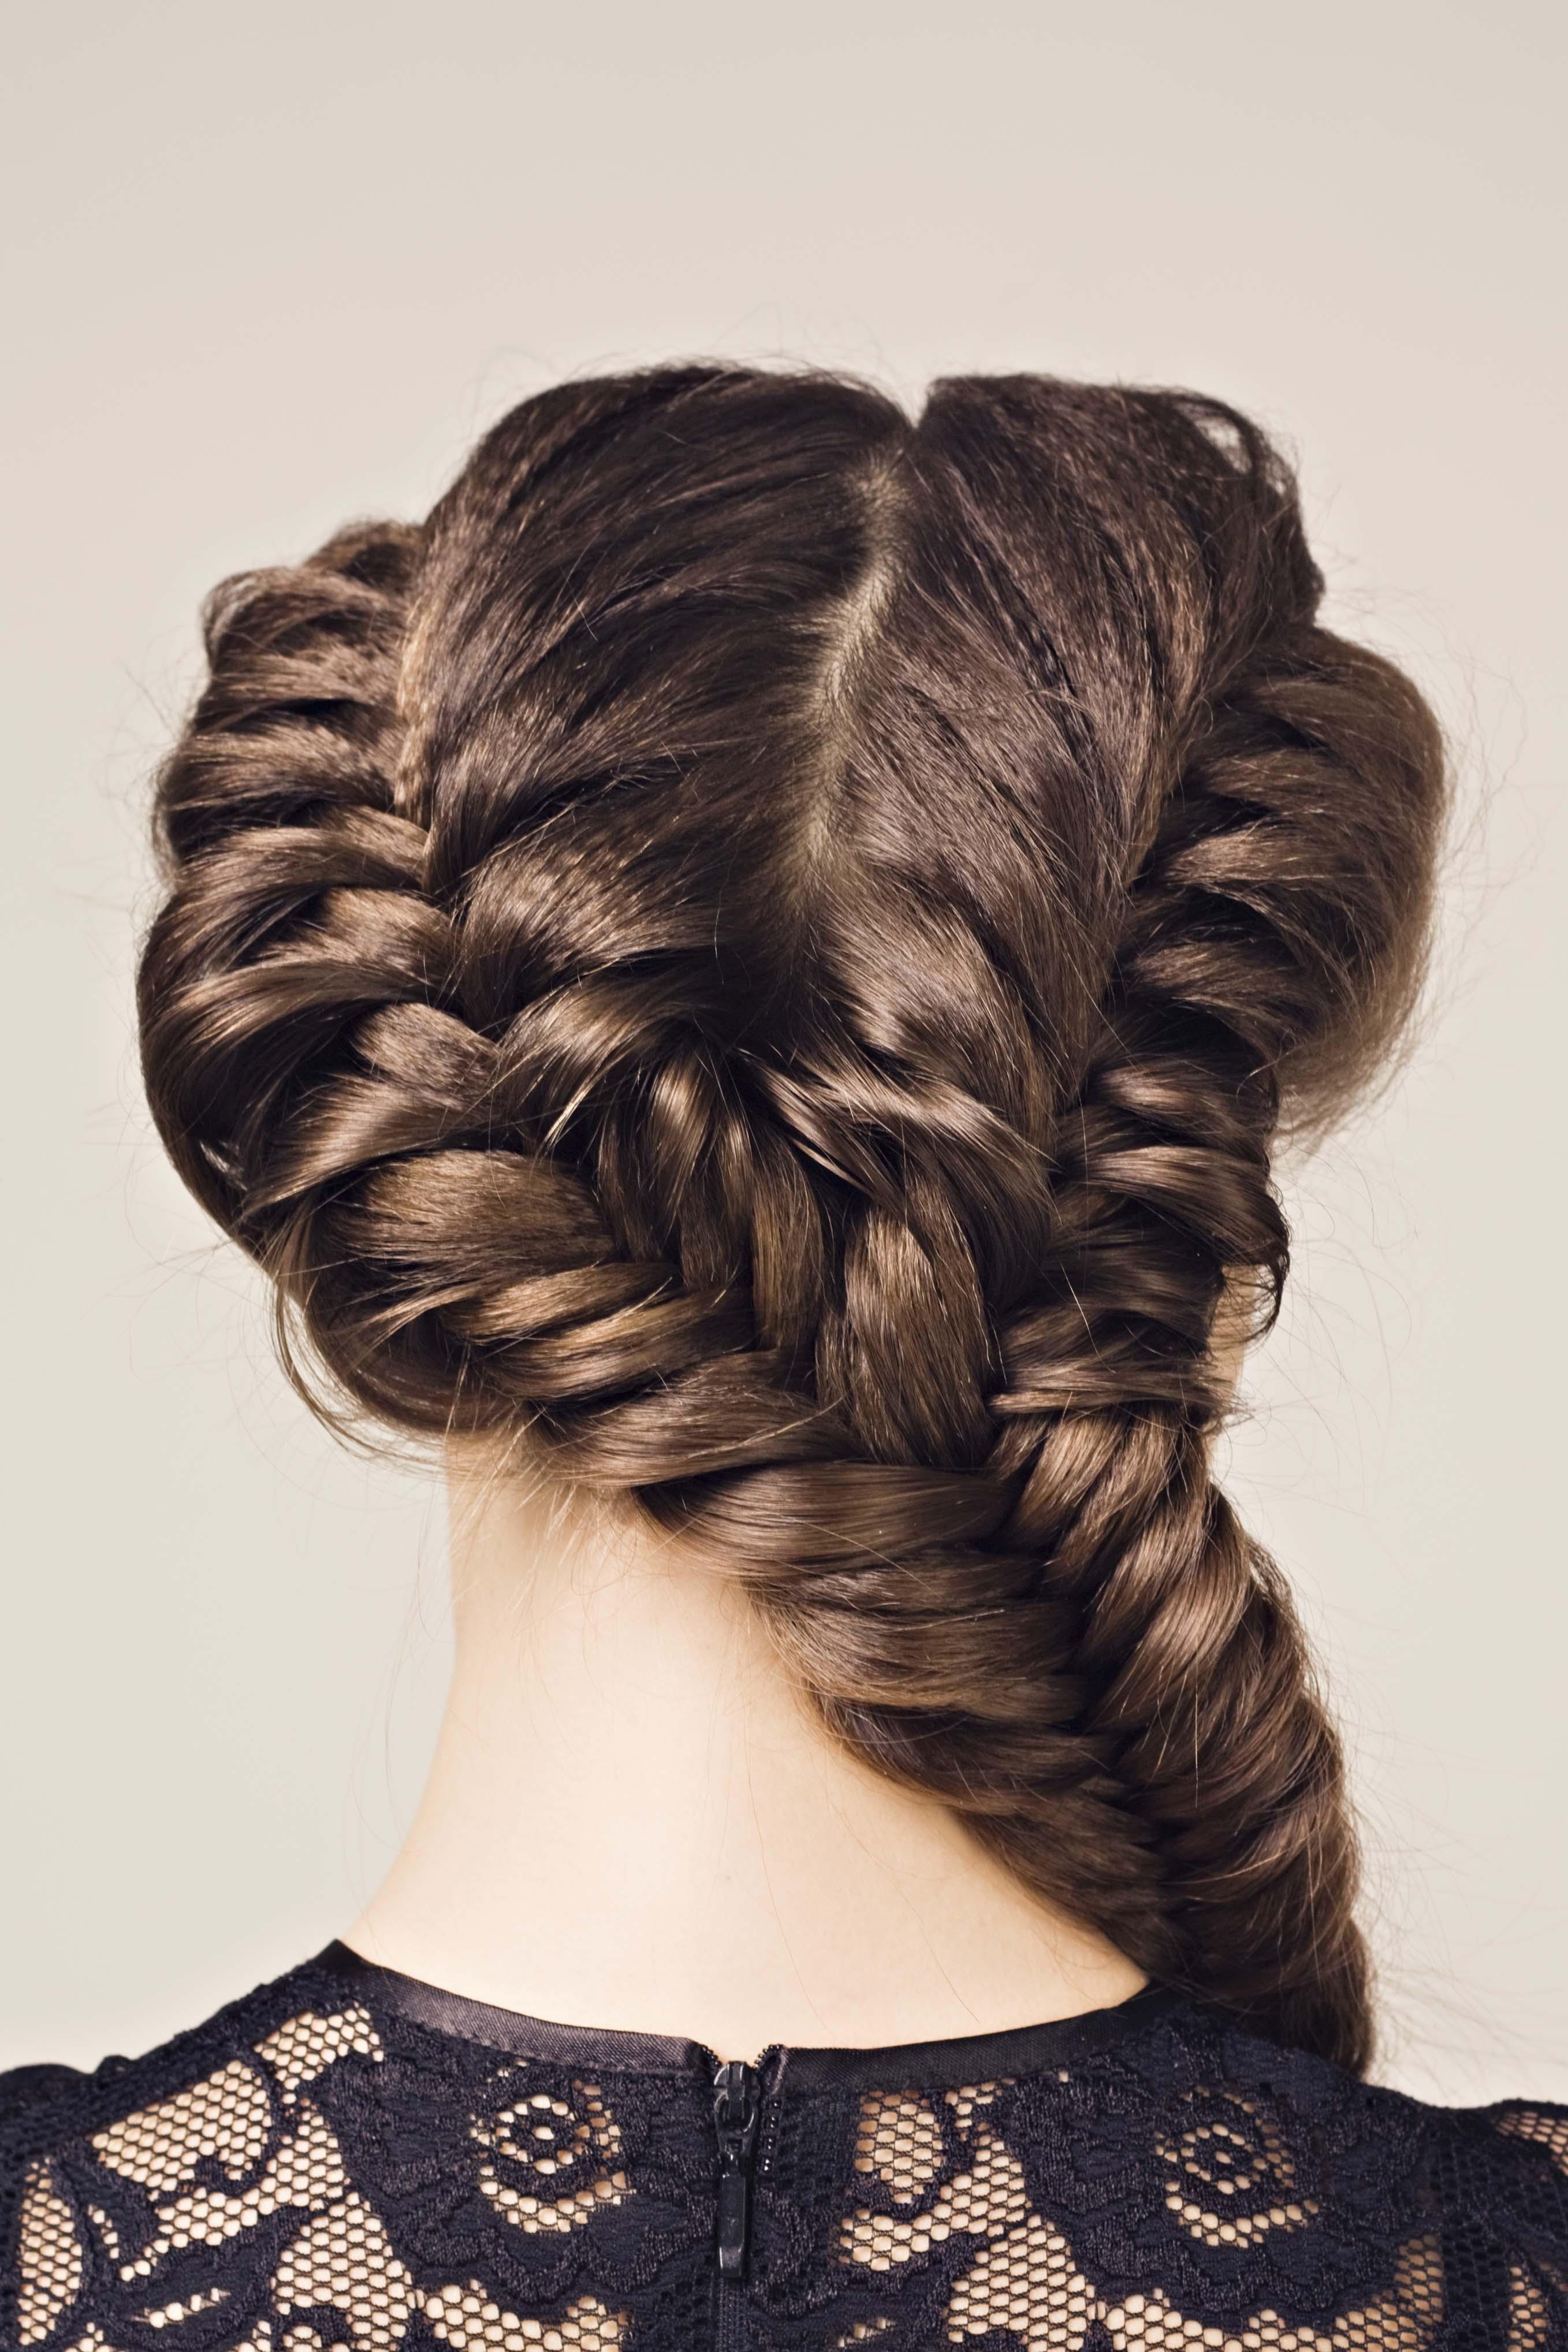 Chica de pelo castaño de espaldas con trenza grande